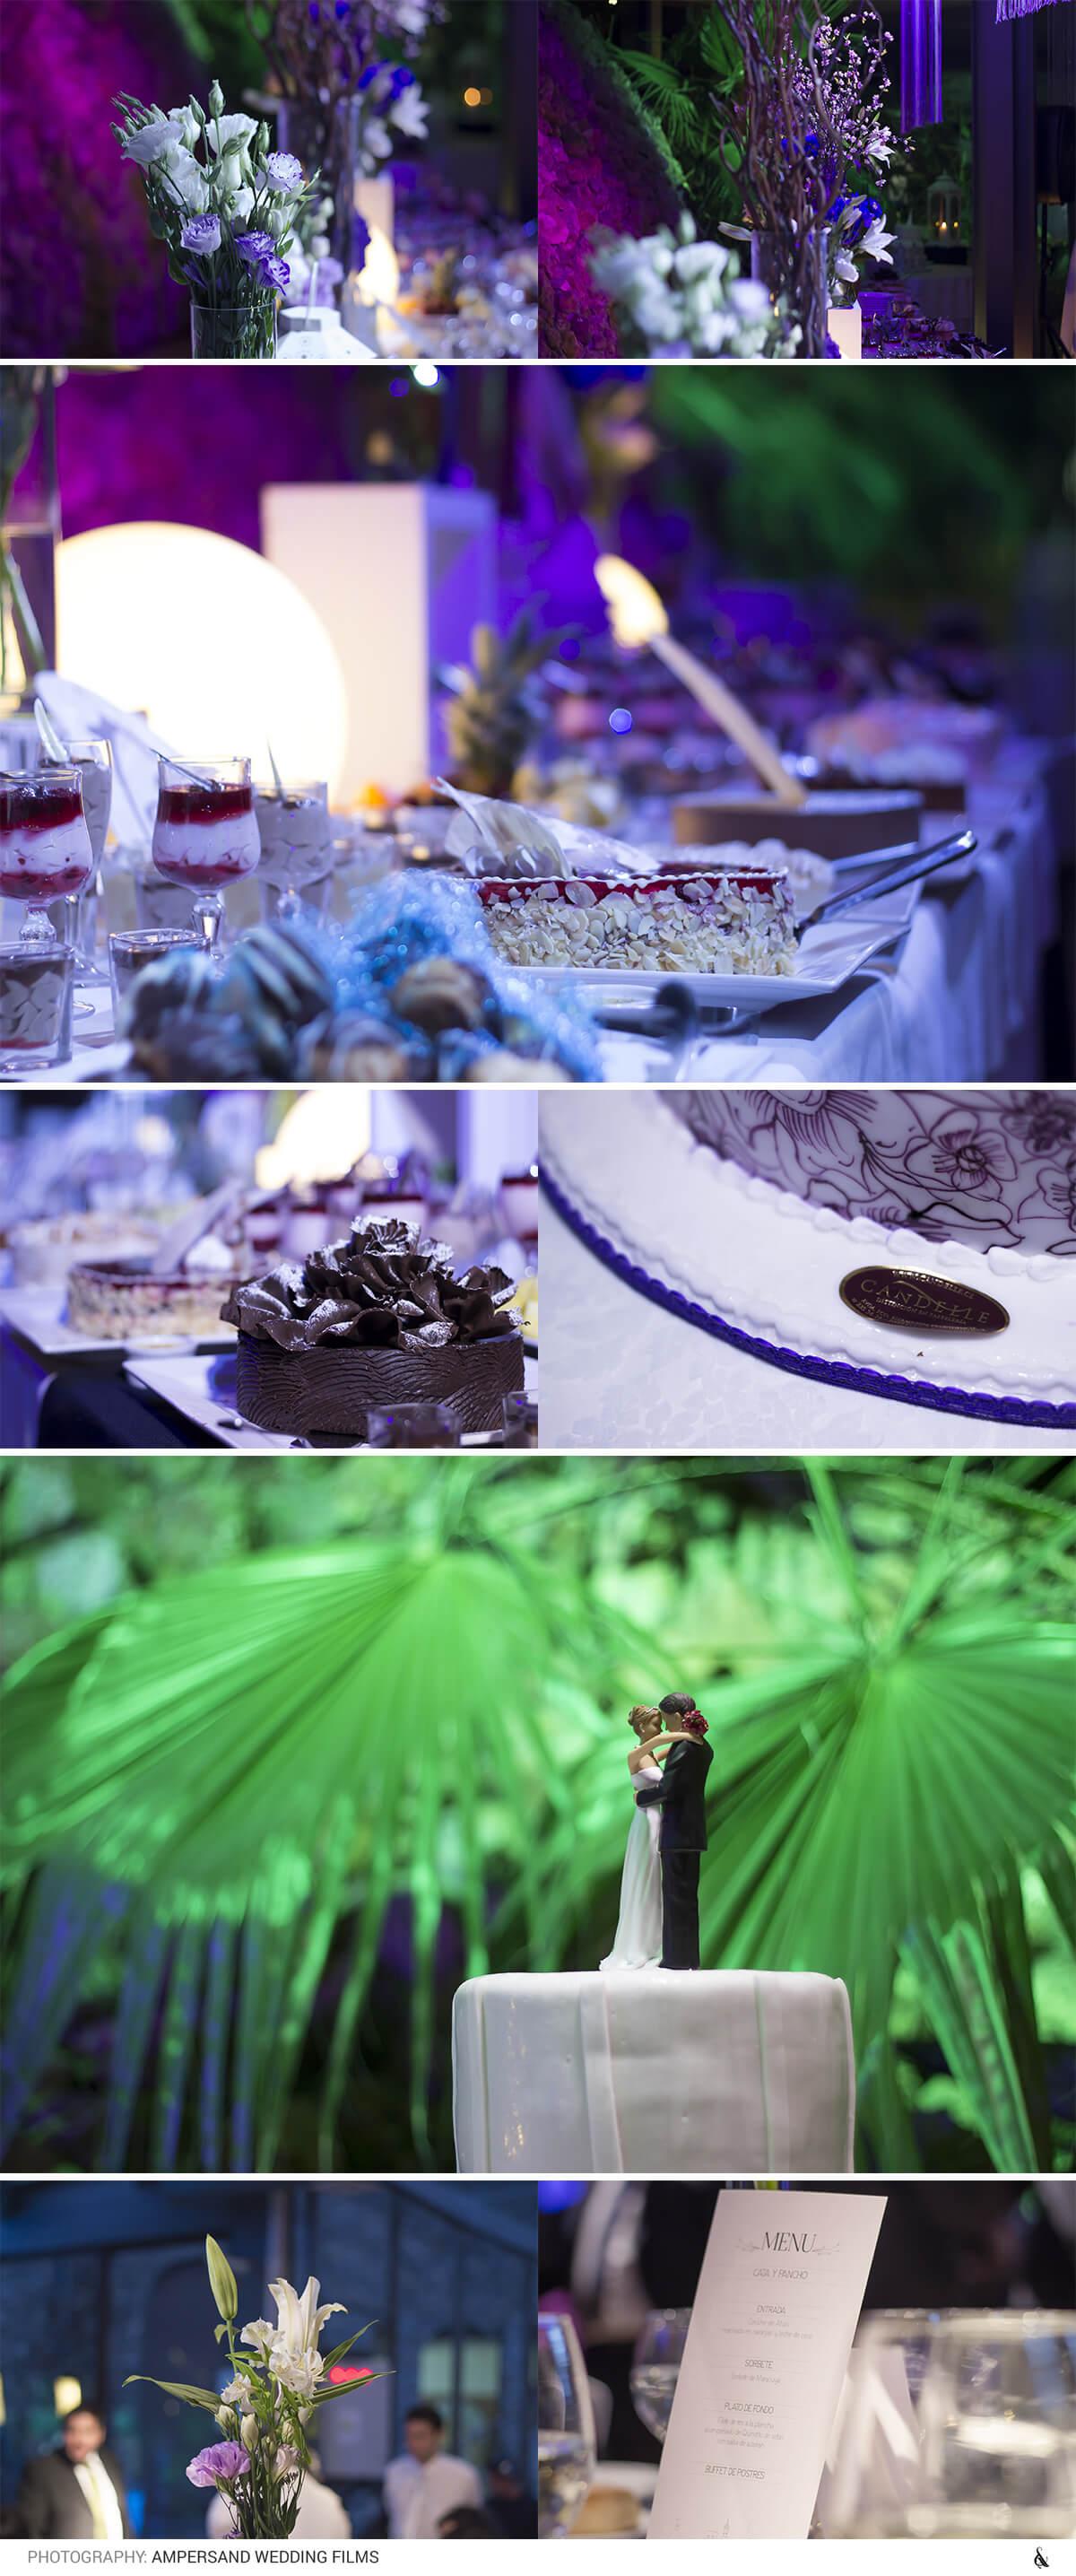 Estilo de Bodas: Pastel de Bodas, Decoración - Ampersand Studios